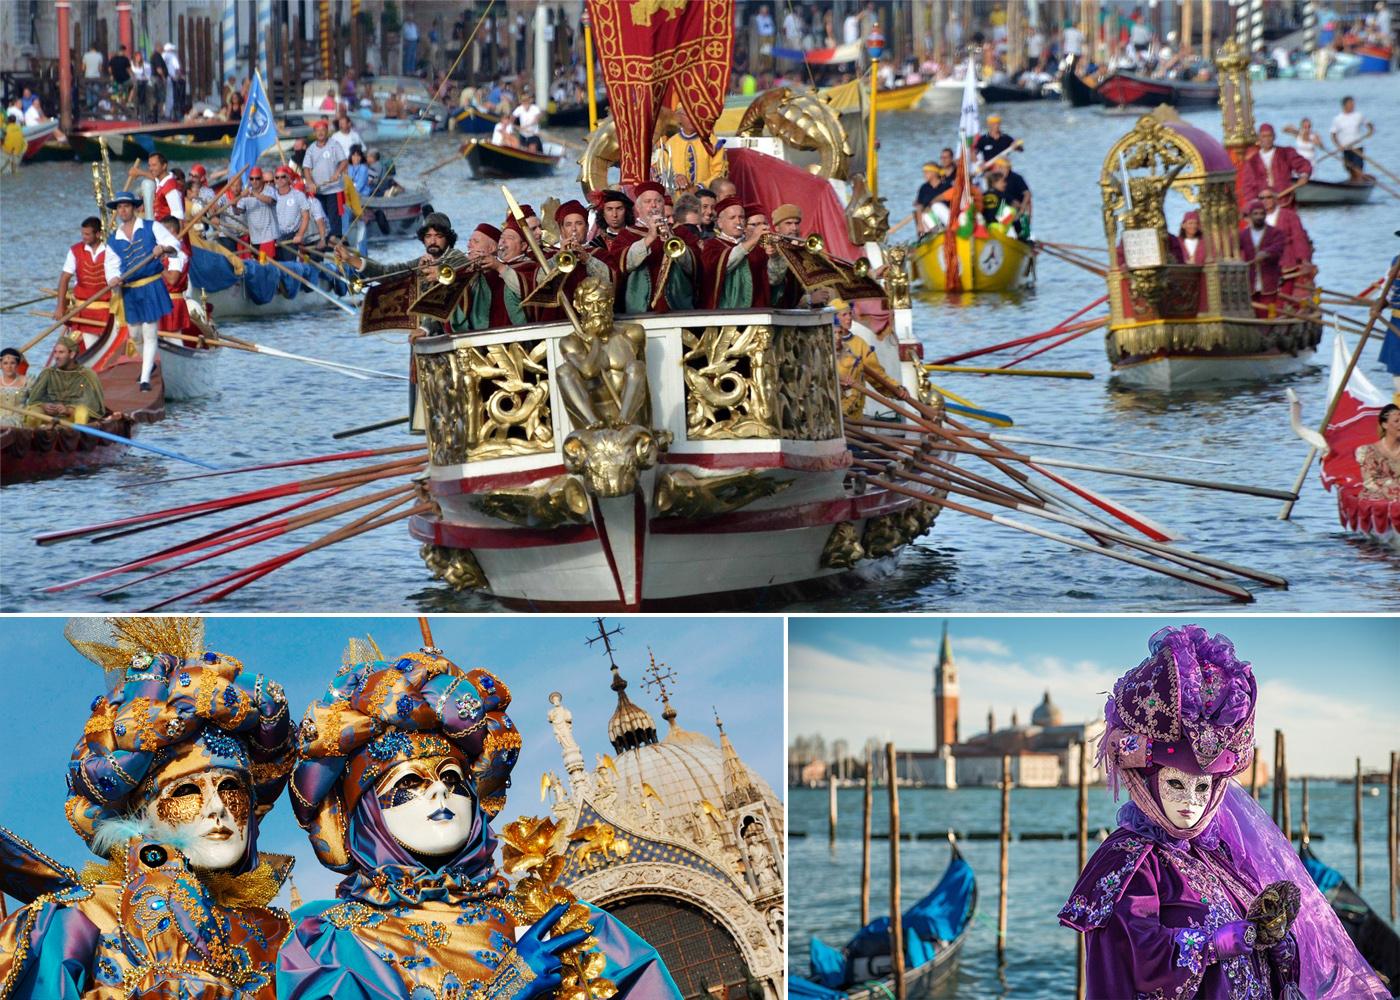 Карнавал в Венеции — это праздник, который останется с вами на всю жизнь!